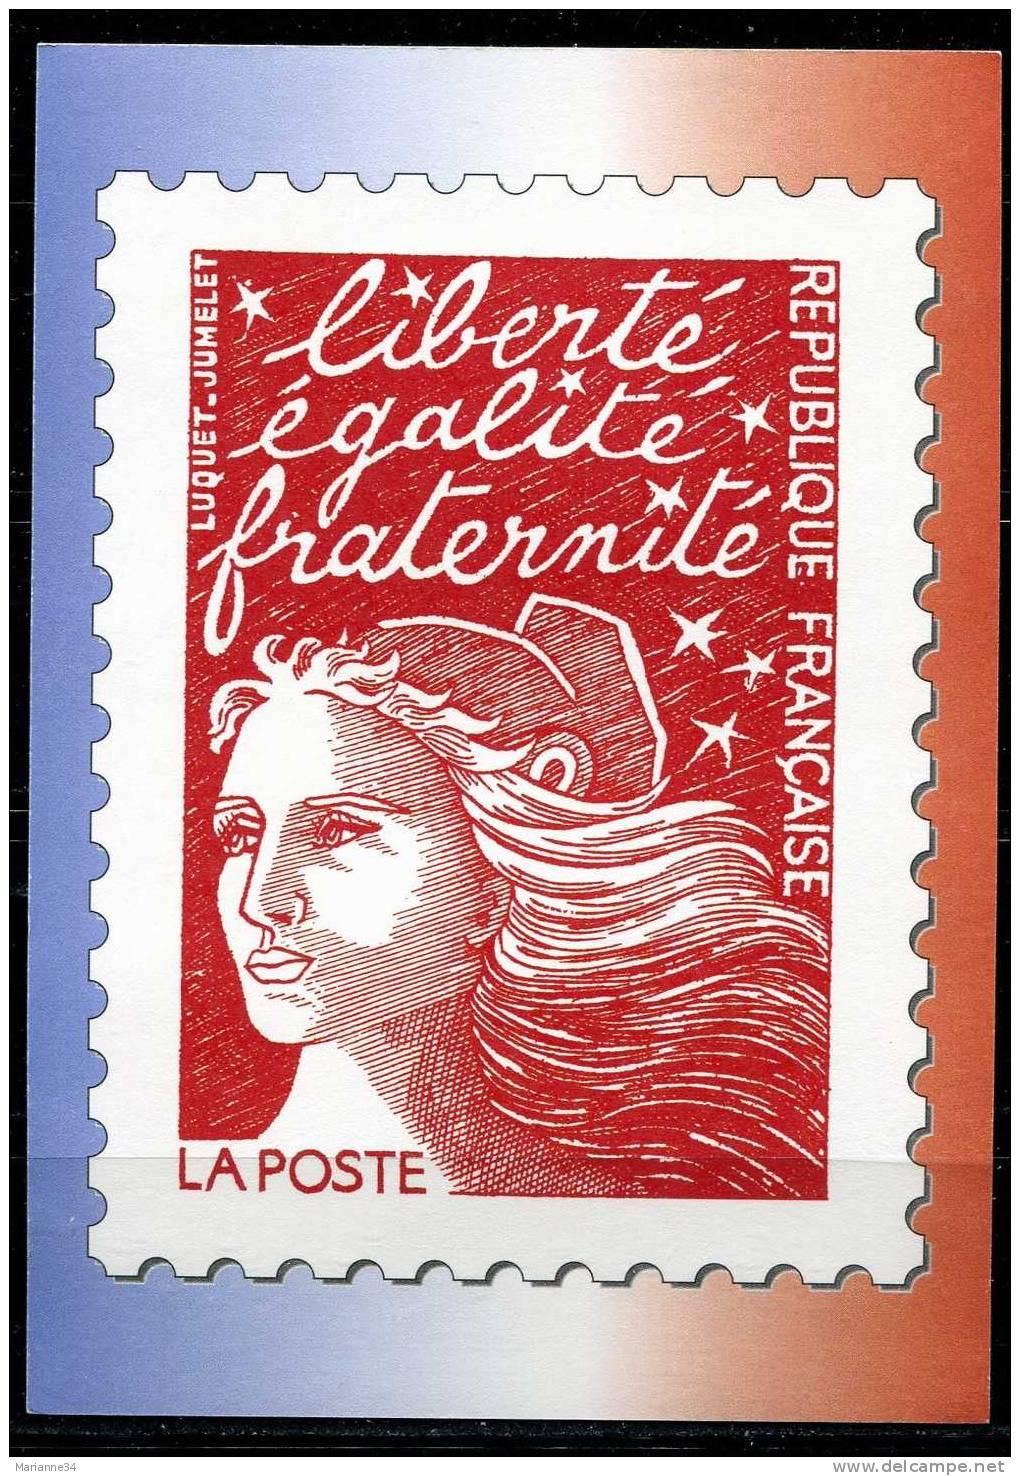 1997 carte avec reproduction timbre marianne du 14 juillet delce net